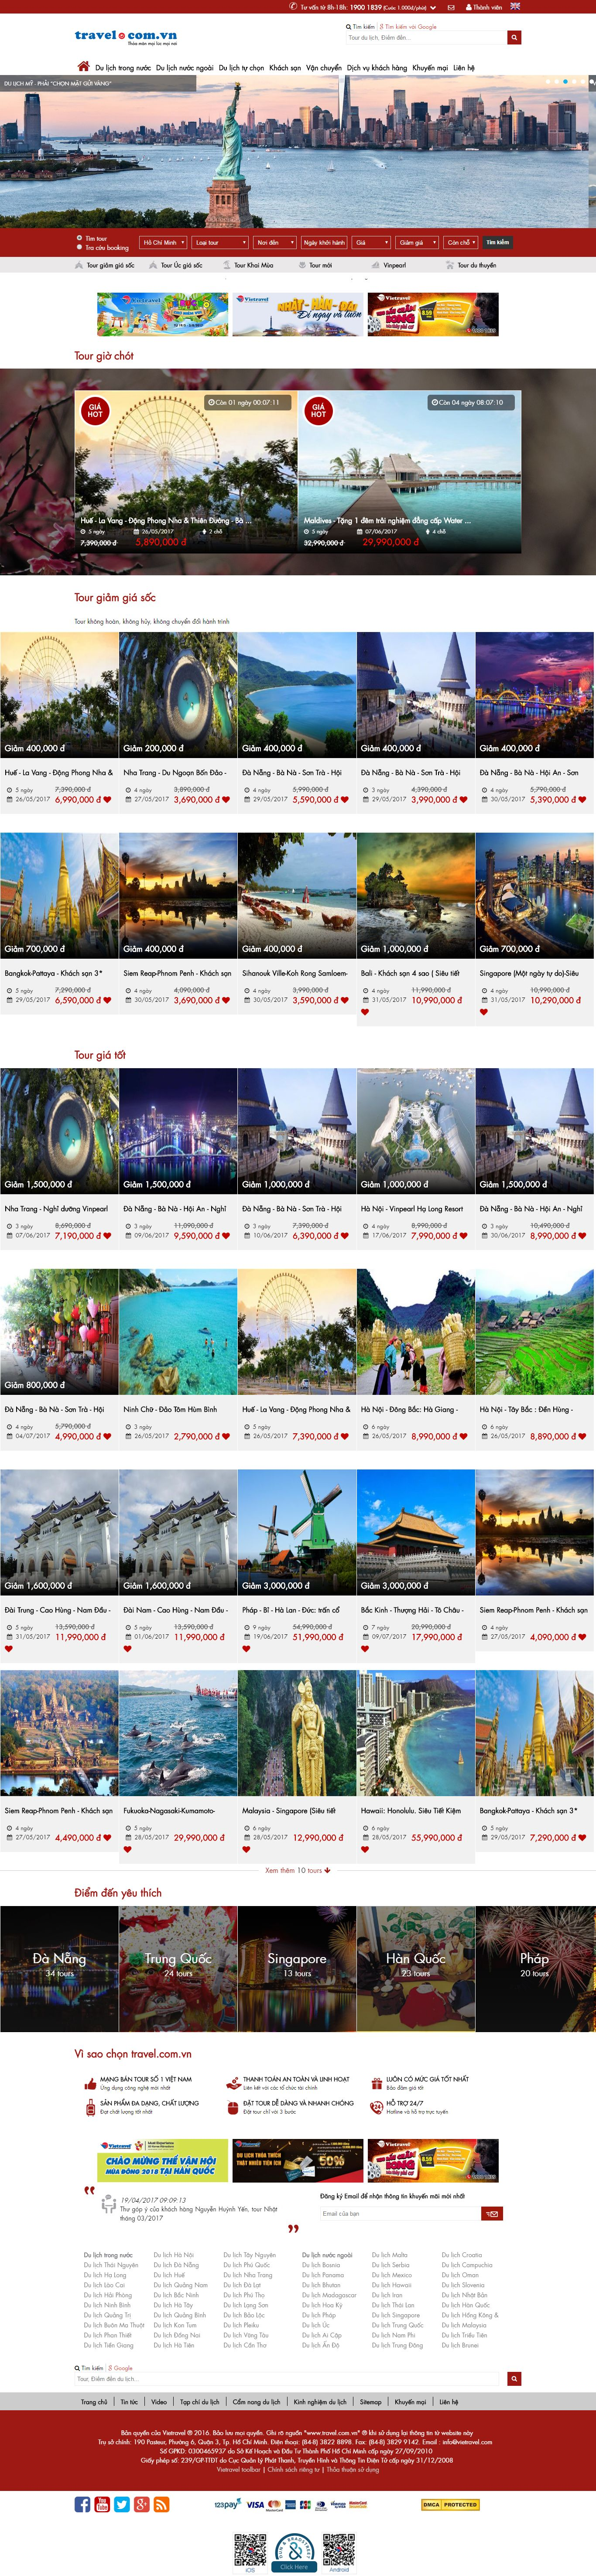 Thiết kế website mạng bán tour trực tuyến đẹp SEO nhanh hiệu quả